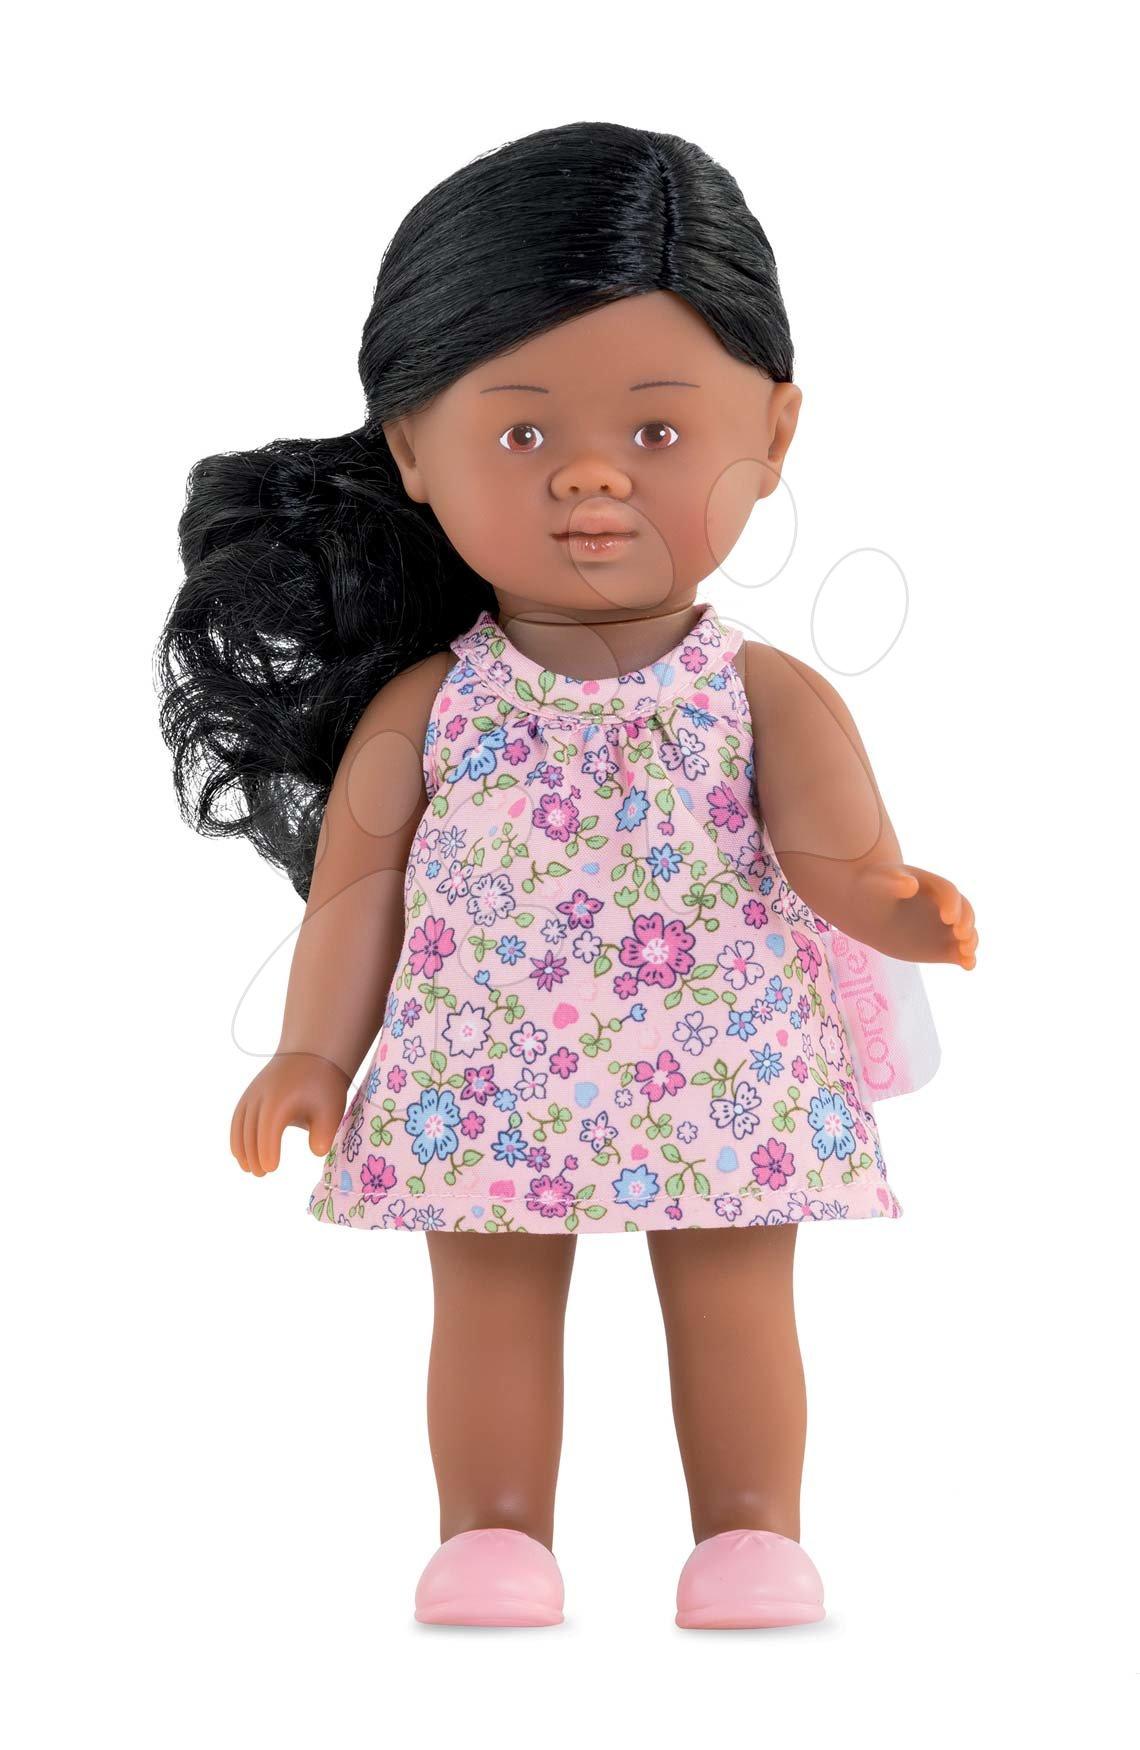 Hračky pro miminka - Panenka Mini Corolline Rosaly Les Trendies Corolle s hnědýma očima a fialové kytičky na šatech 20 cm